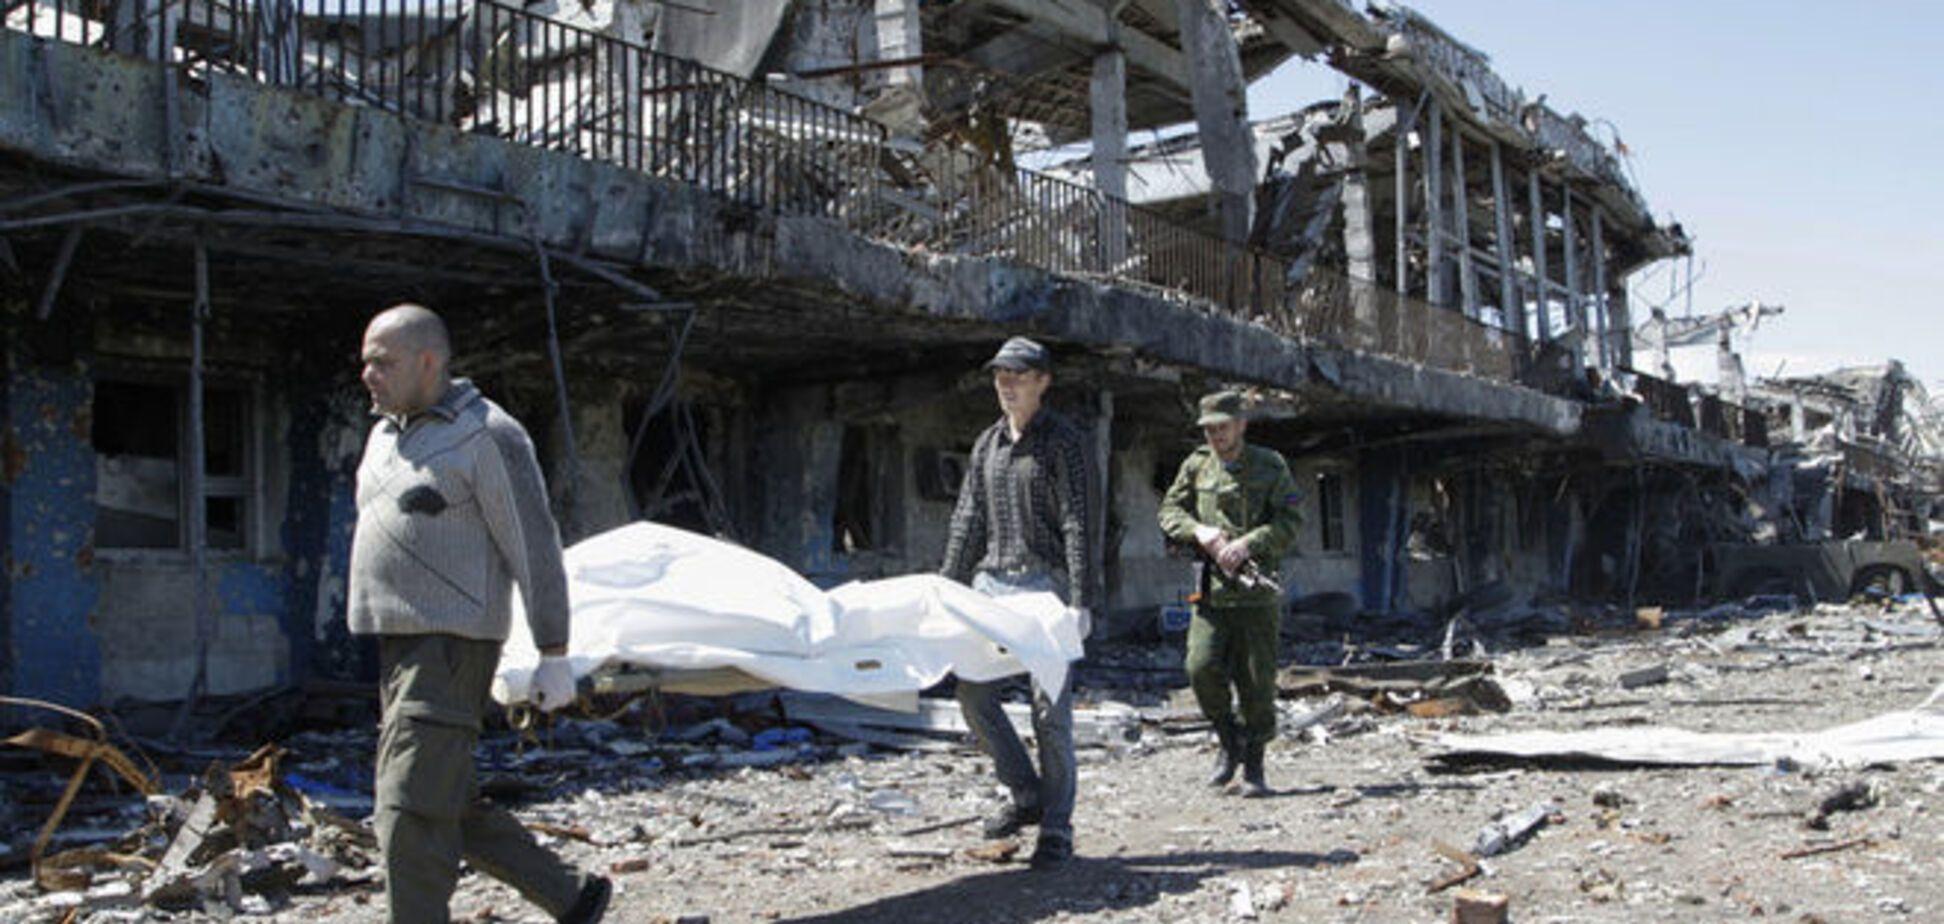 Зона активного конфликта на Донбассе расширяется – ОБСЕ